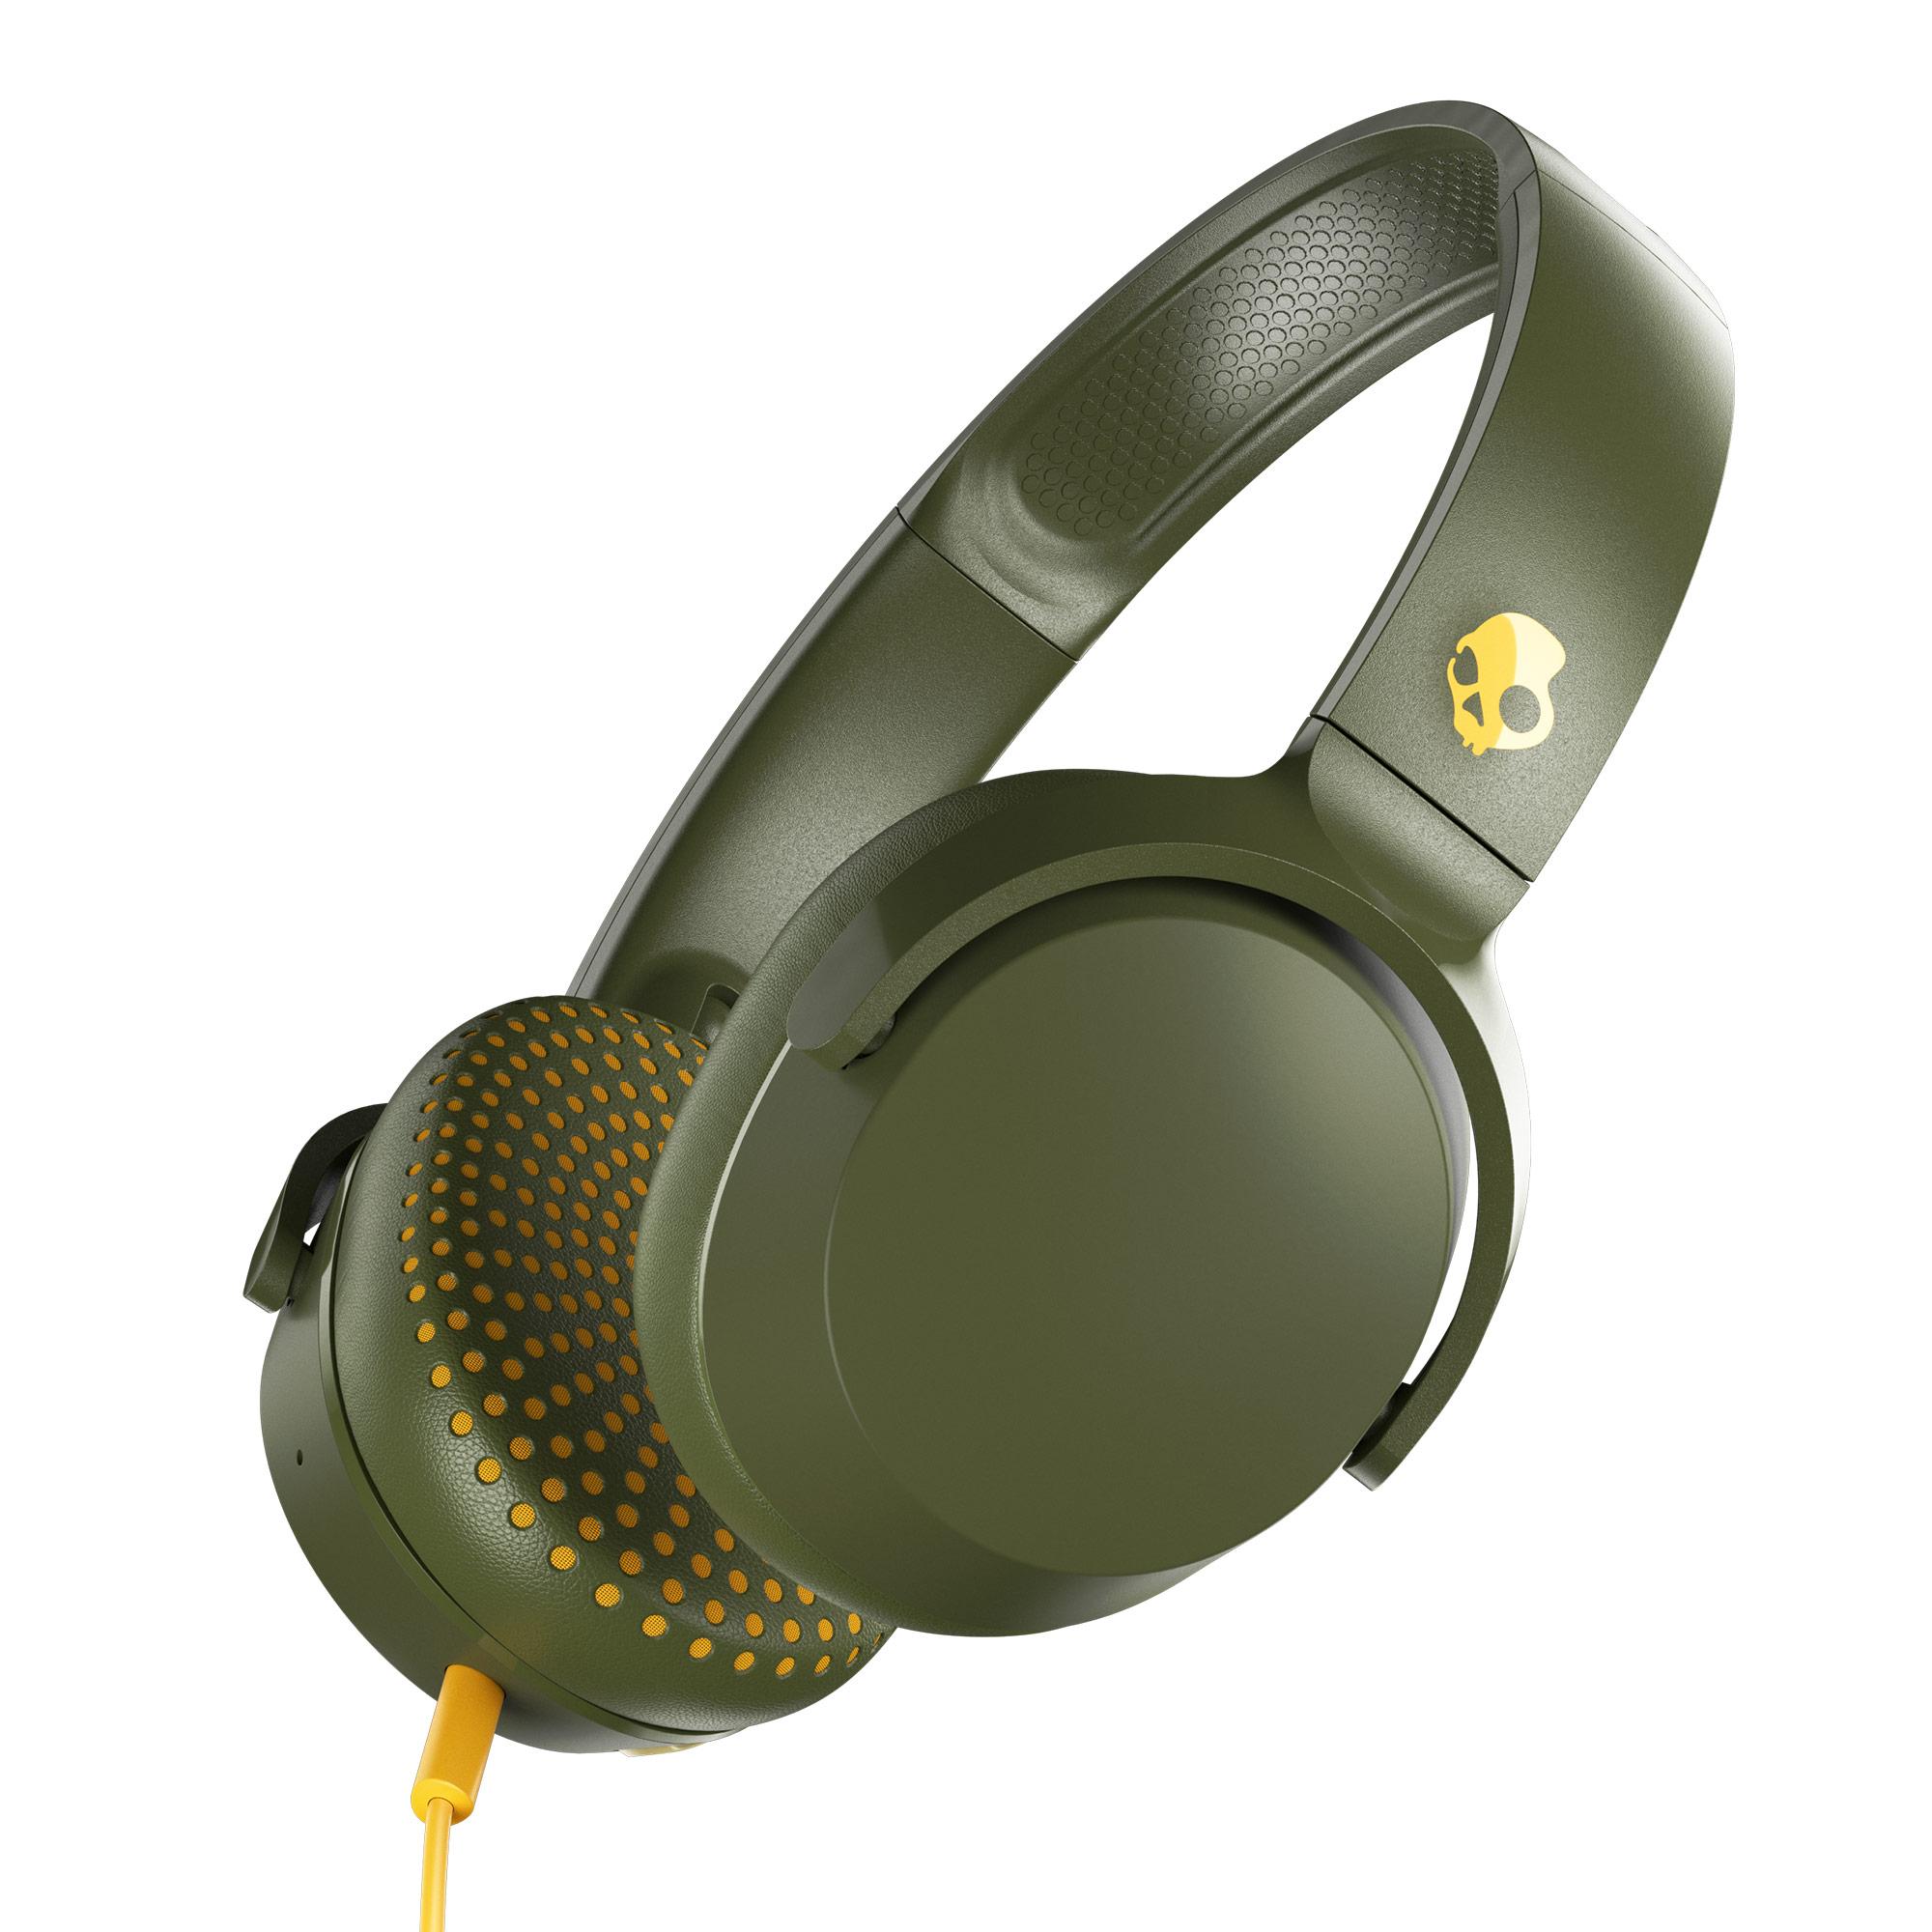 Skullcandy Riff On-Ear Durable Headphone – Olive for $19